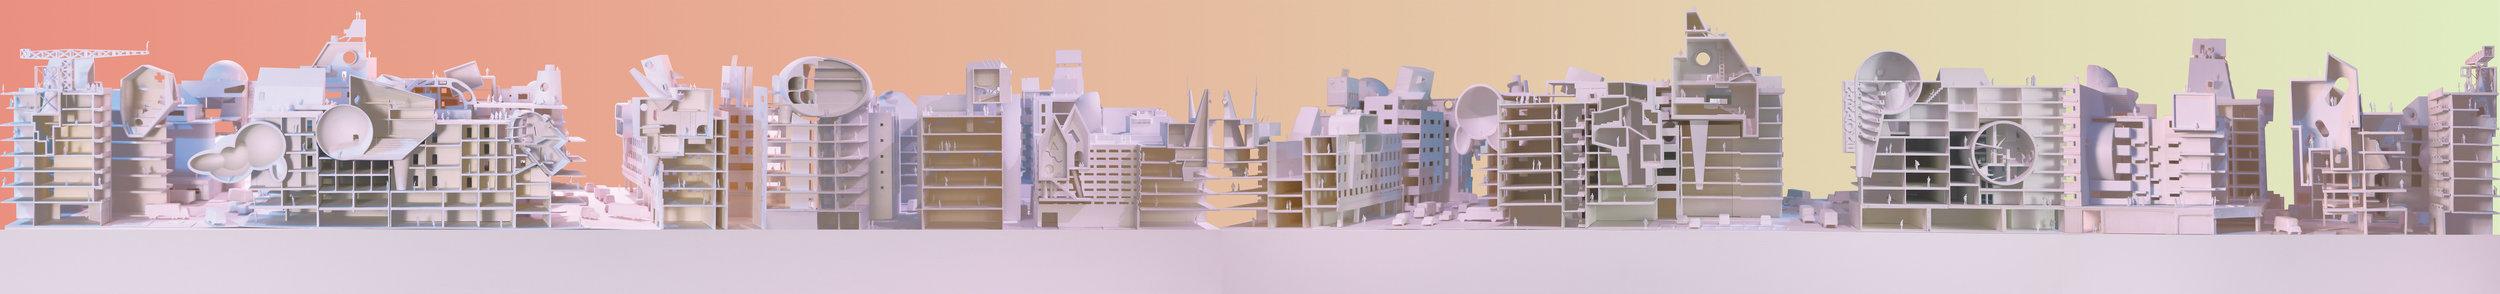 Rooftop Urbanism